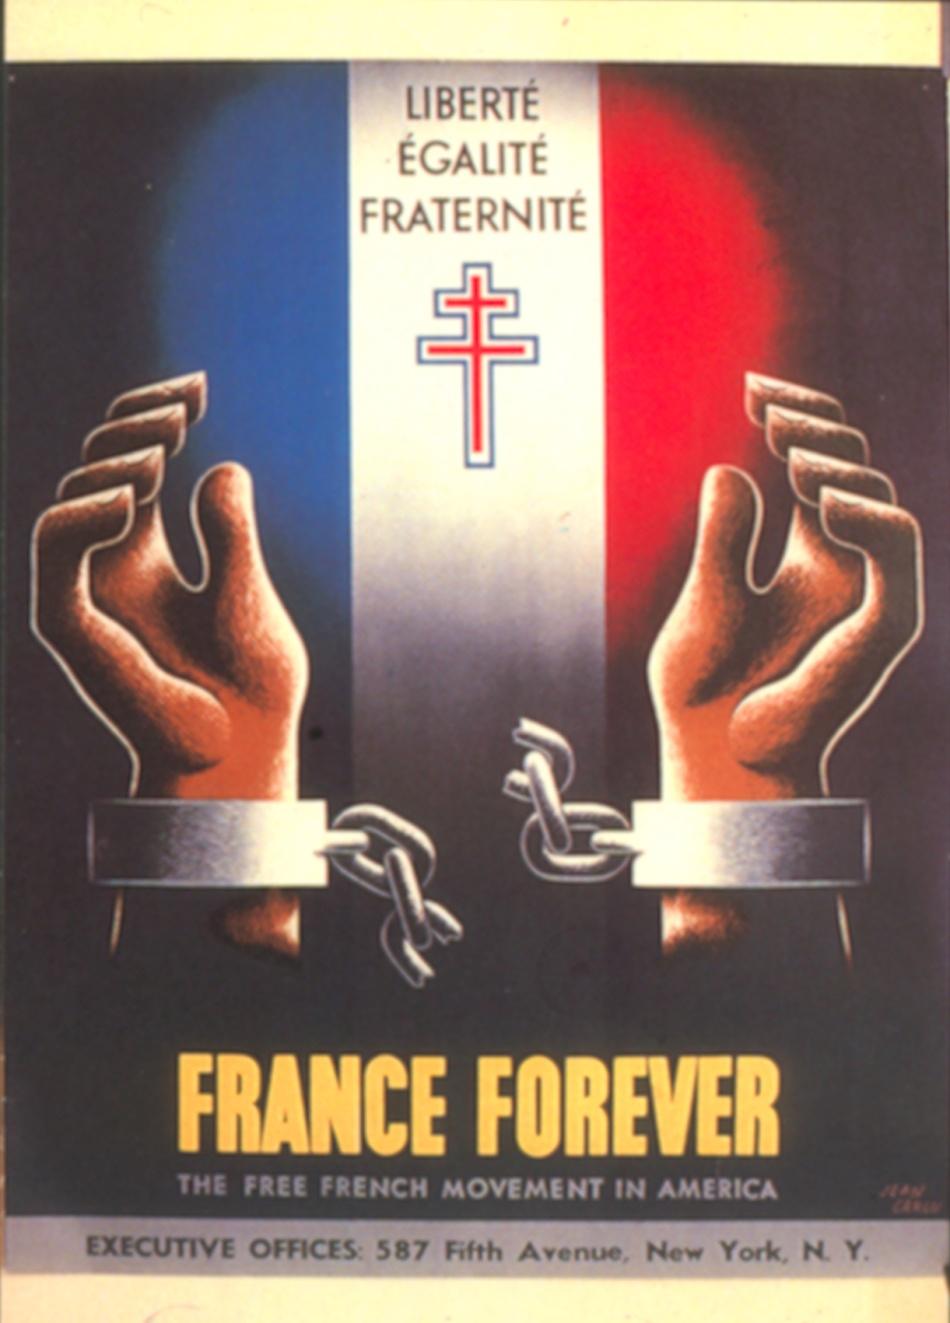 France Forever